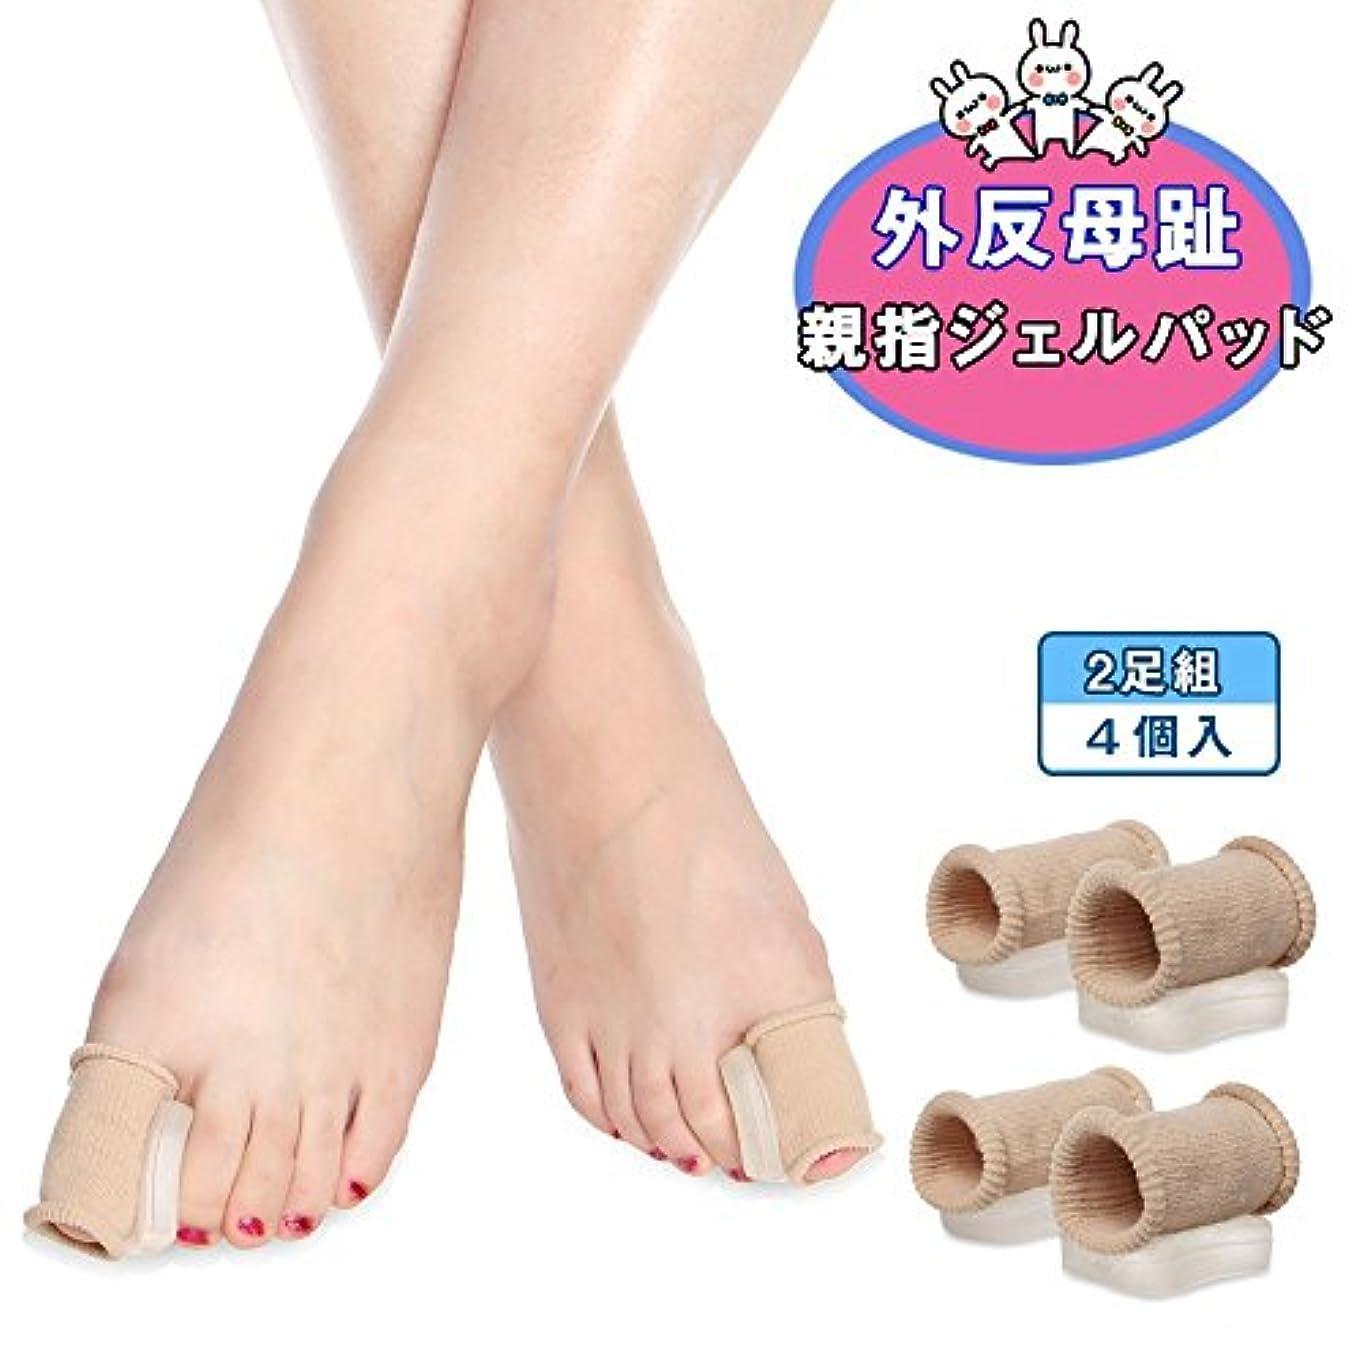 思い出傑出した存在するLucktao 親指ジェルパッド, 外反母趾サポーター 指間ジェルパッド つま先矯正 足用保護パッド 足指セパレーター 親指曲がりの緩和 足指サポーター 4個入り